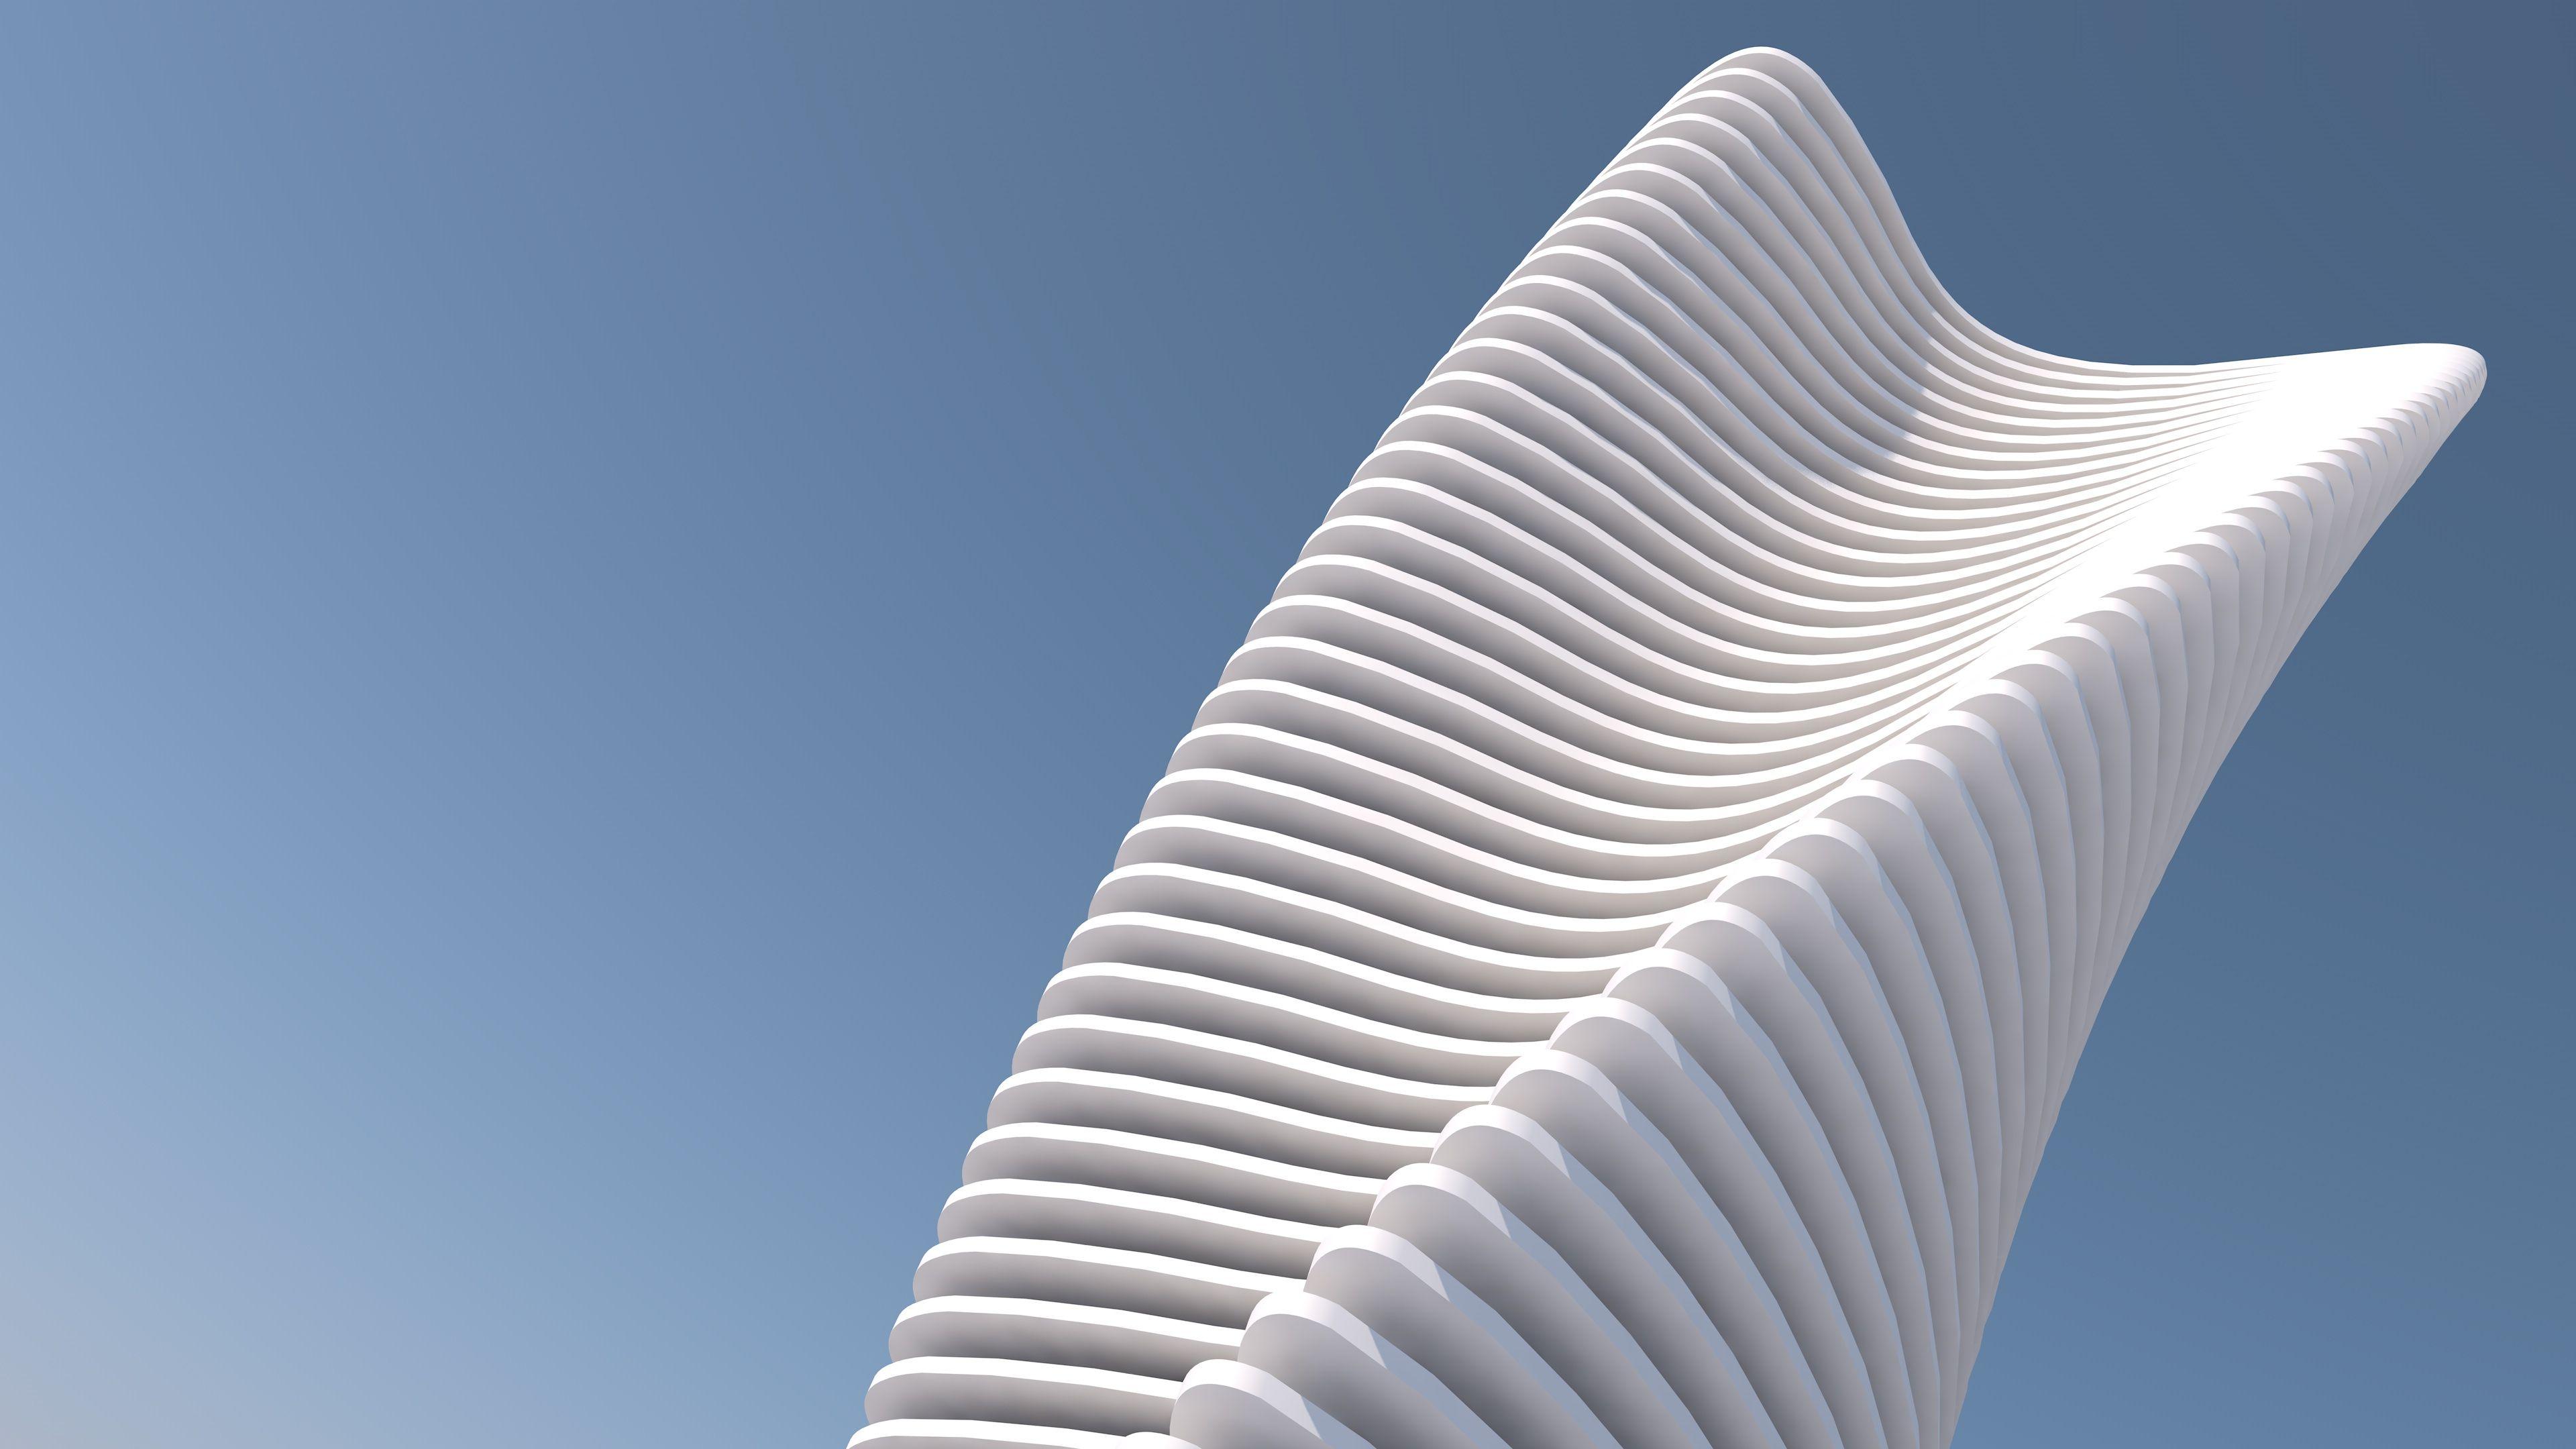 Minimal Architecture Wallpaper 3840 X 2160 Minimalist Architecture Architecture Wallpaper Minimal Architecture